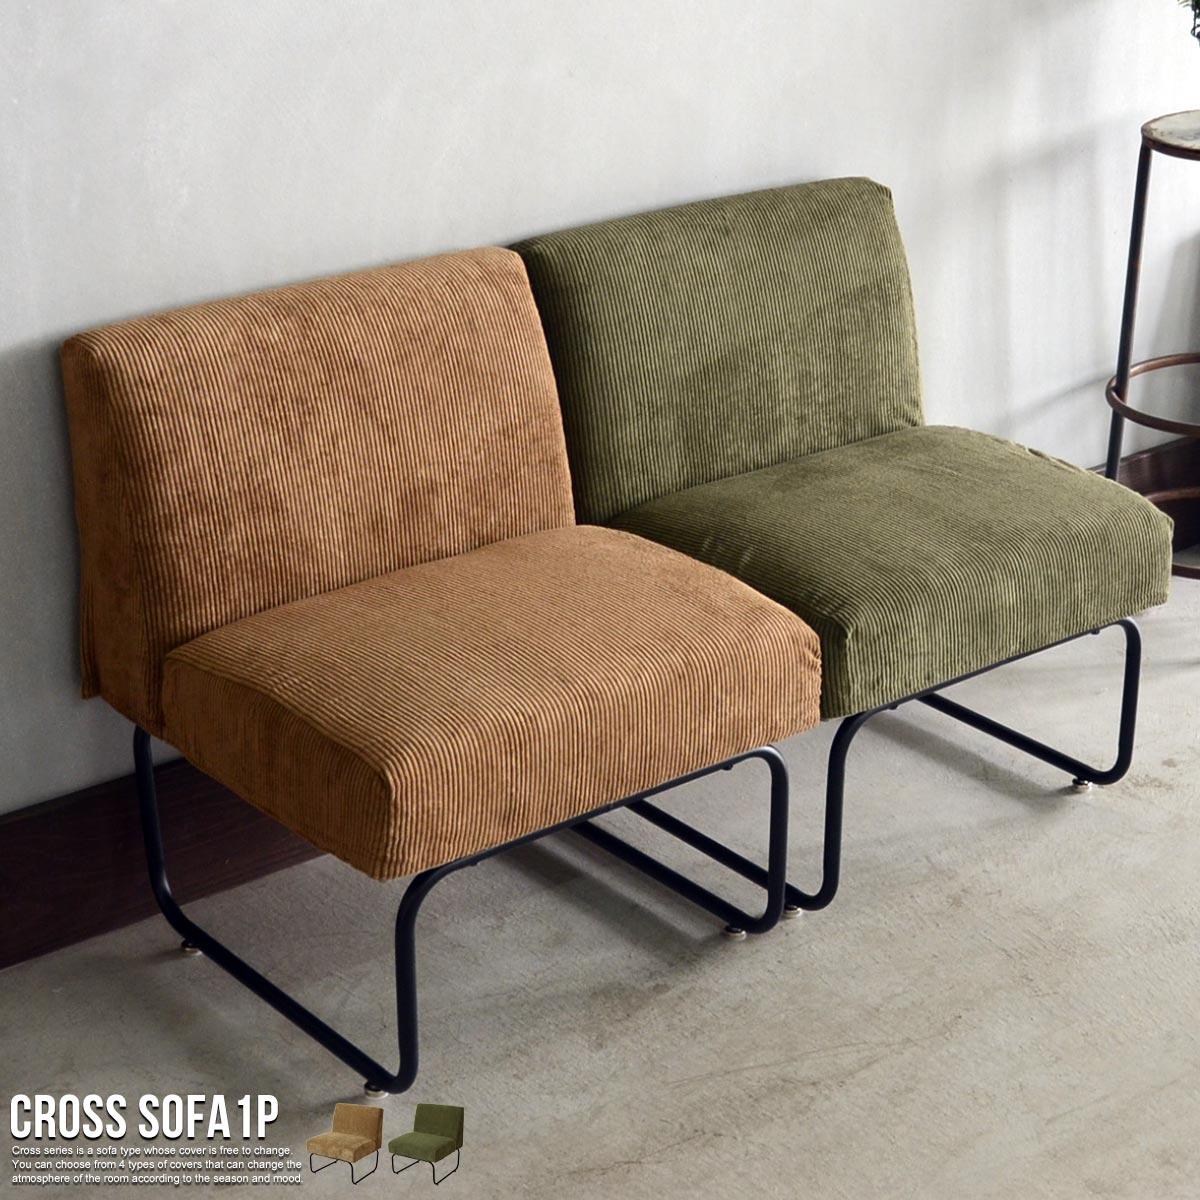 【1/5まで全品10倍】ソファ 1人掛け CROSS クロス 送料無料 椅子 チェア カバー スチール パイプ シンプル ブルックリン ヴィンテージ スタイリッシュ